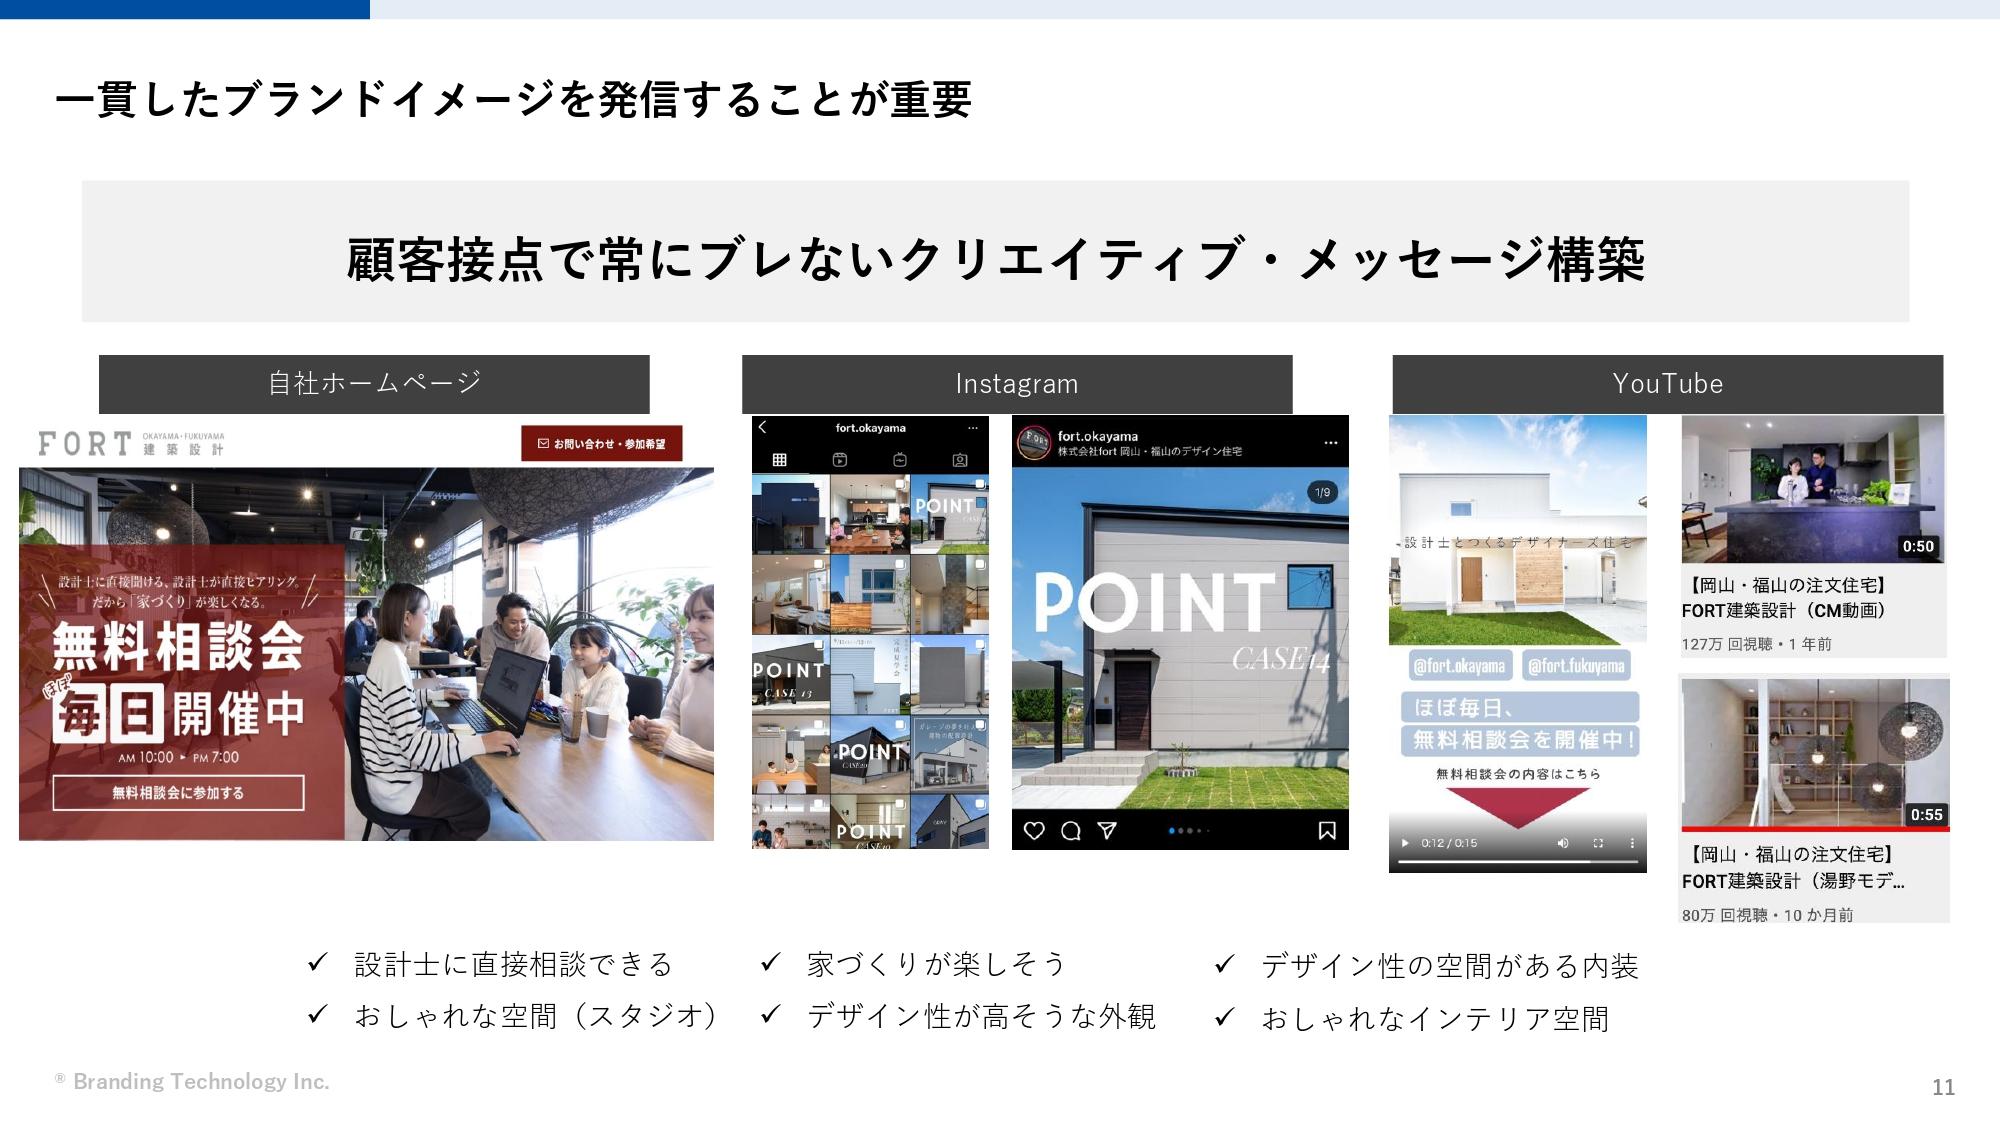 【中小工務店向け】個別相談会を倍増させるための動画・ホームページの活用方法(ブランディングテクノロジー株式会社)一貫したブランドイメージを発信することが重要